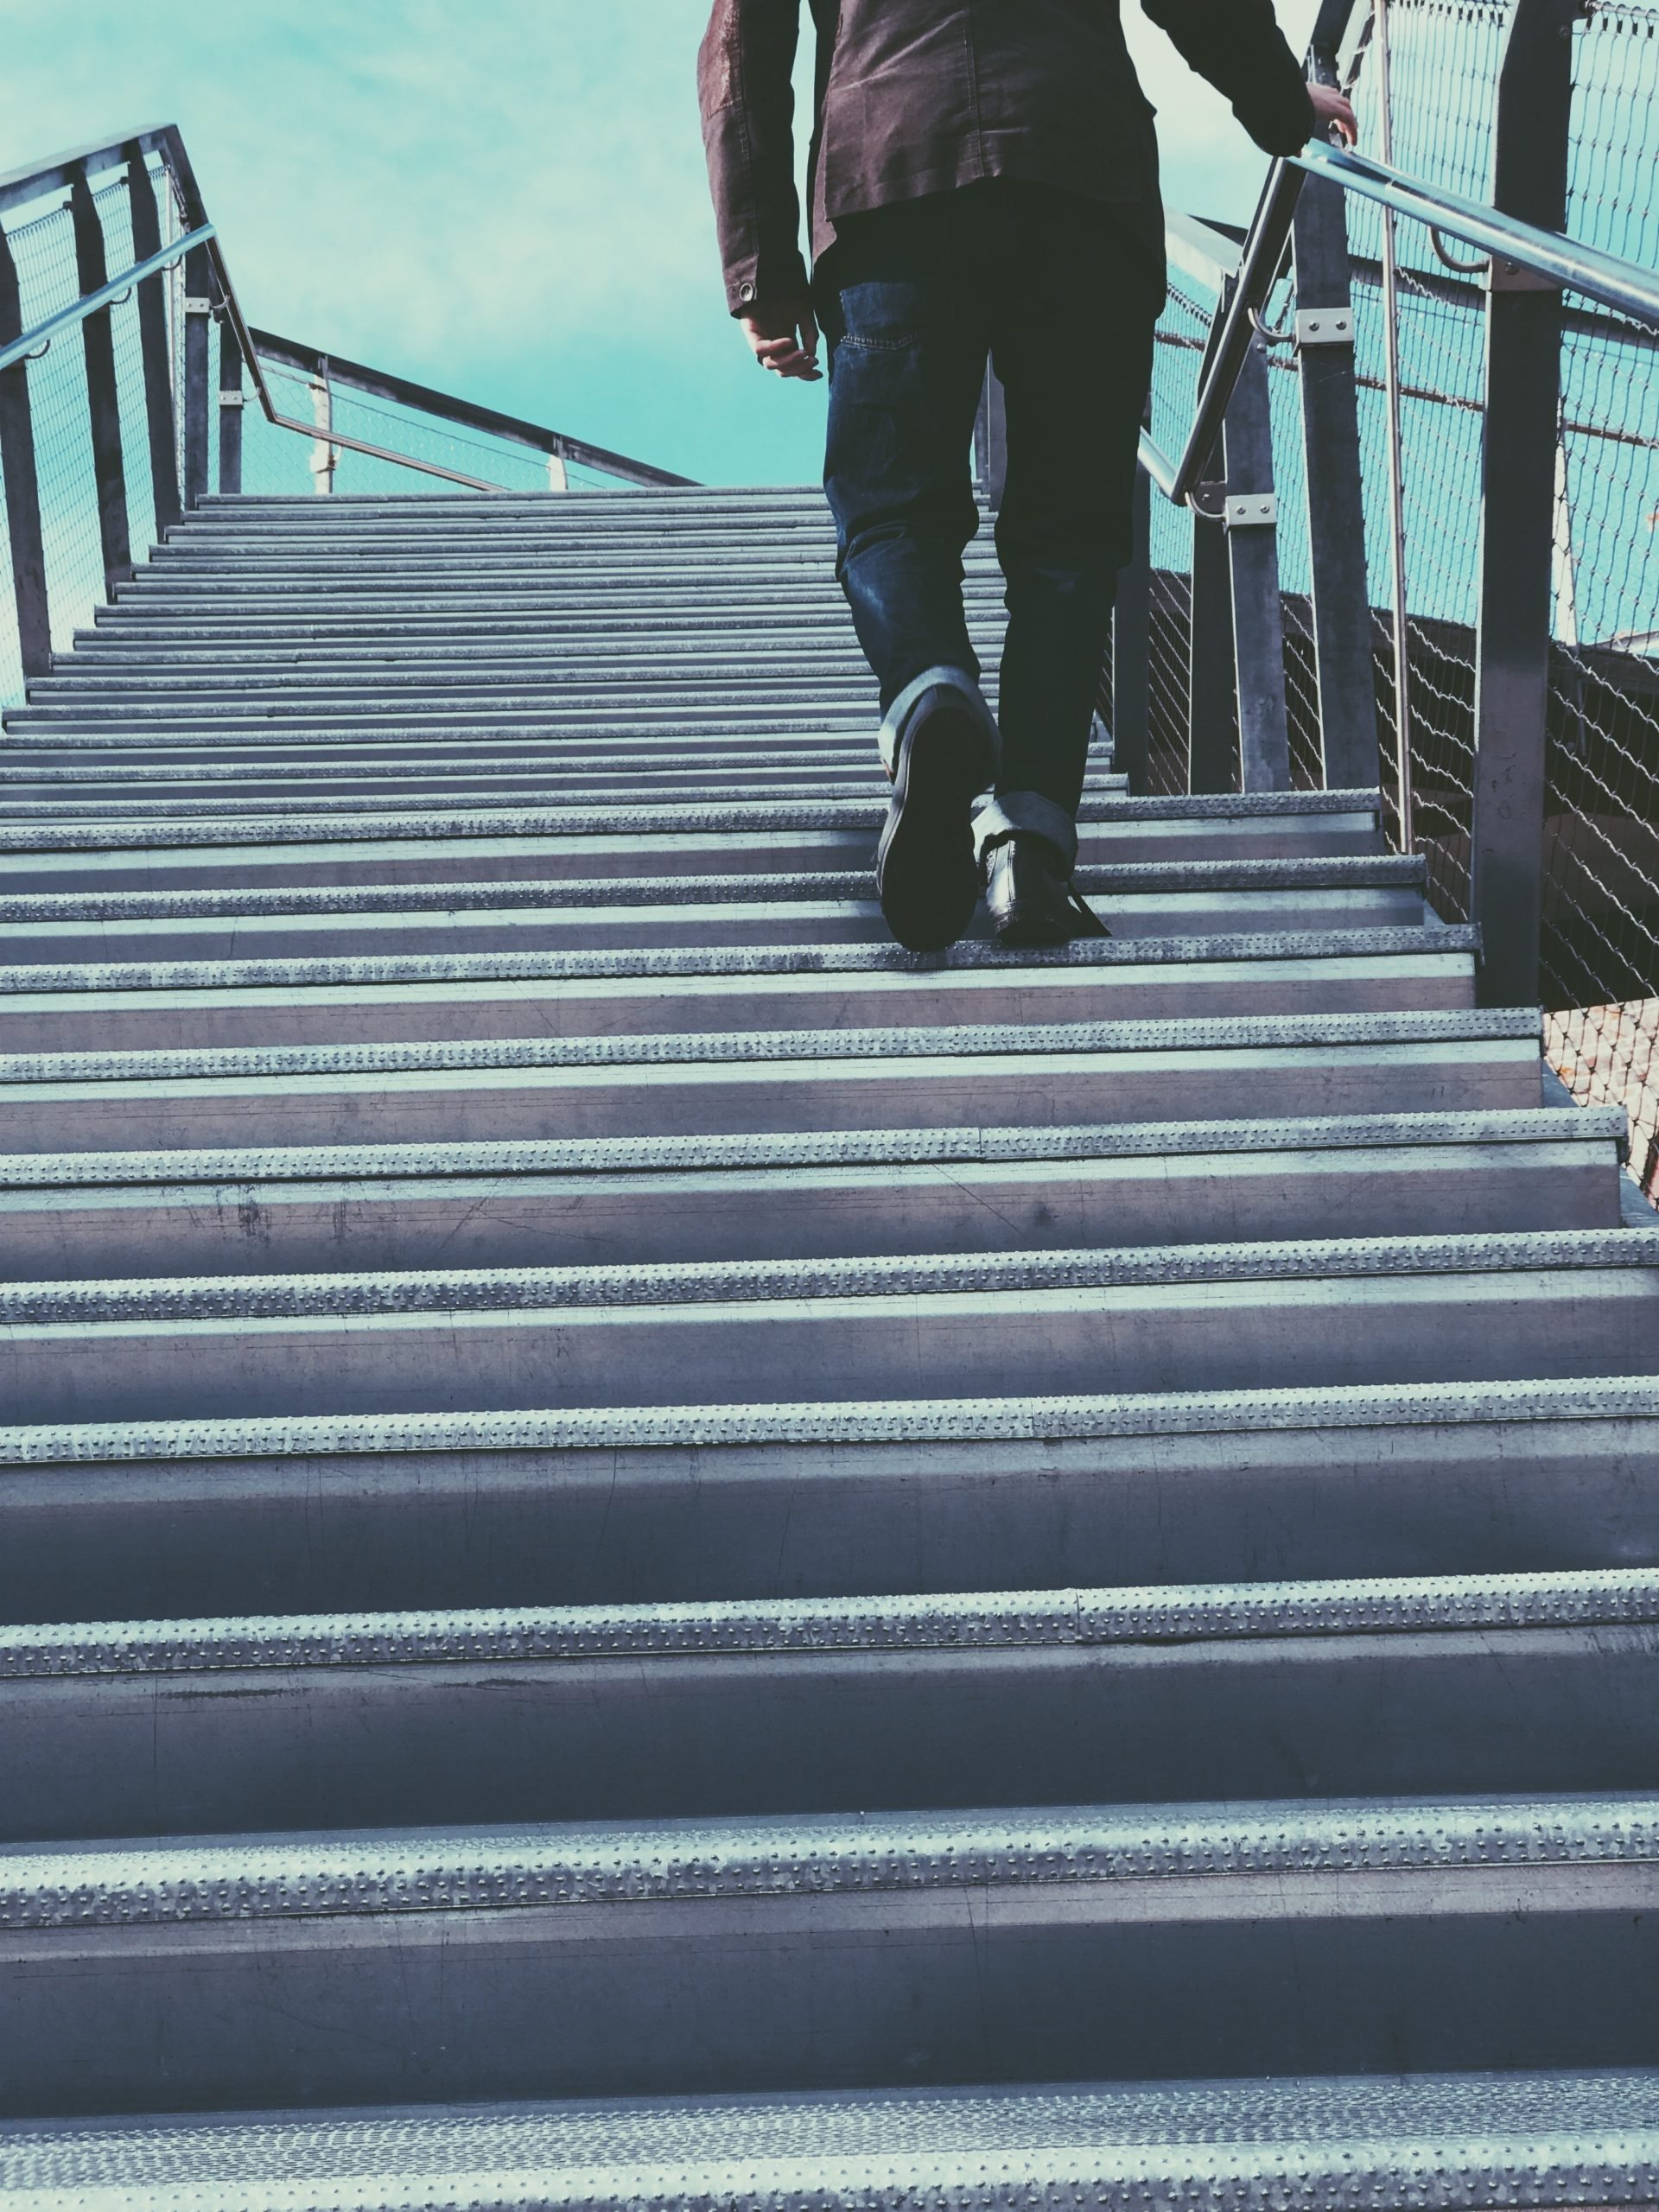 La escalera de la vida y la empresa familiar